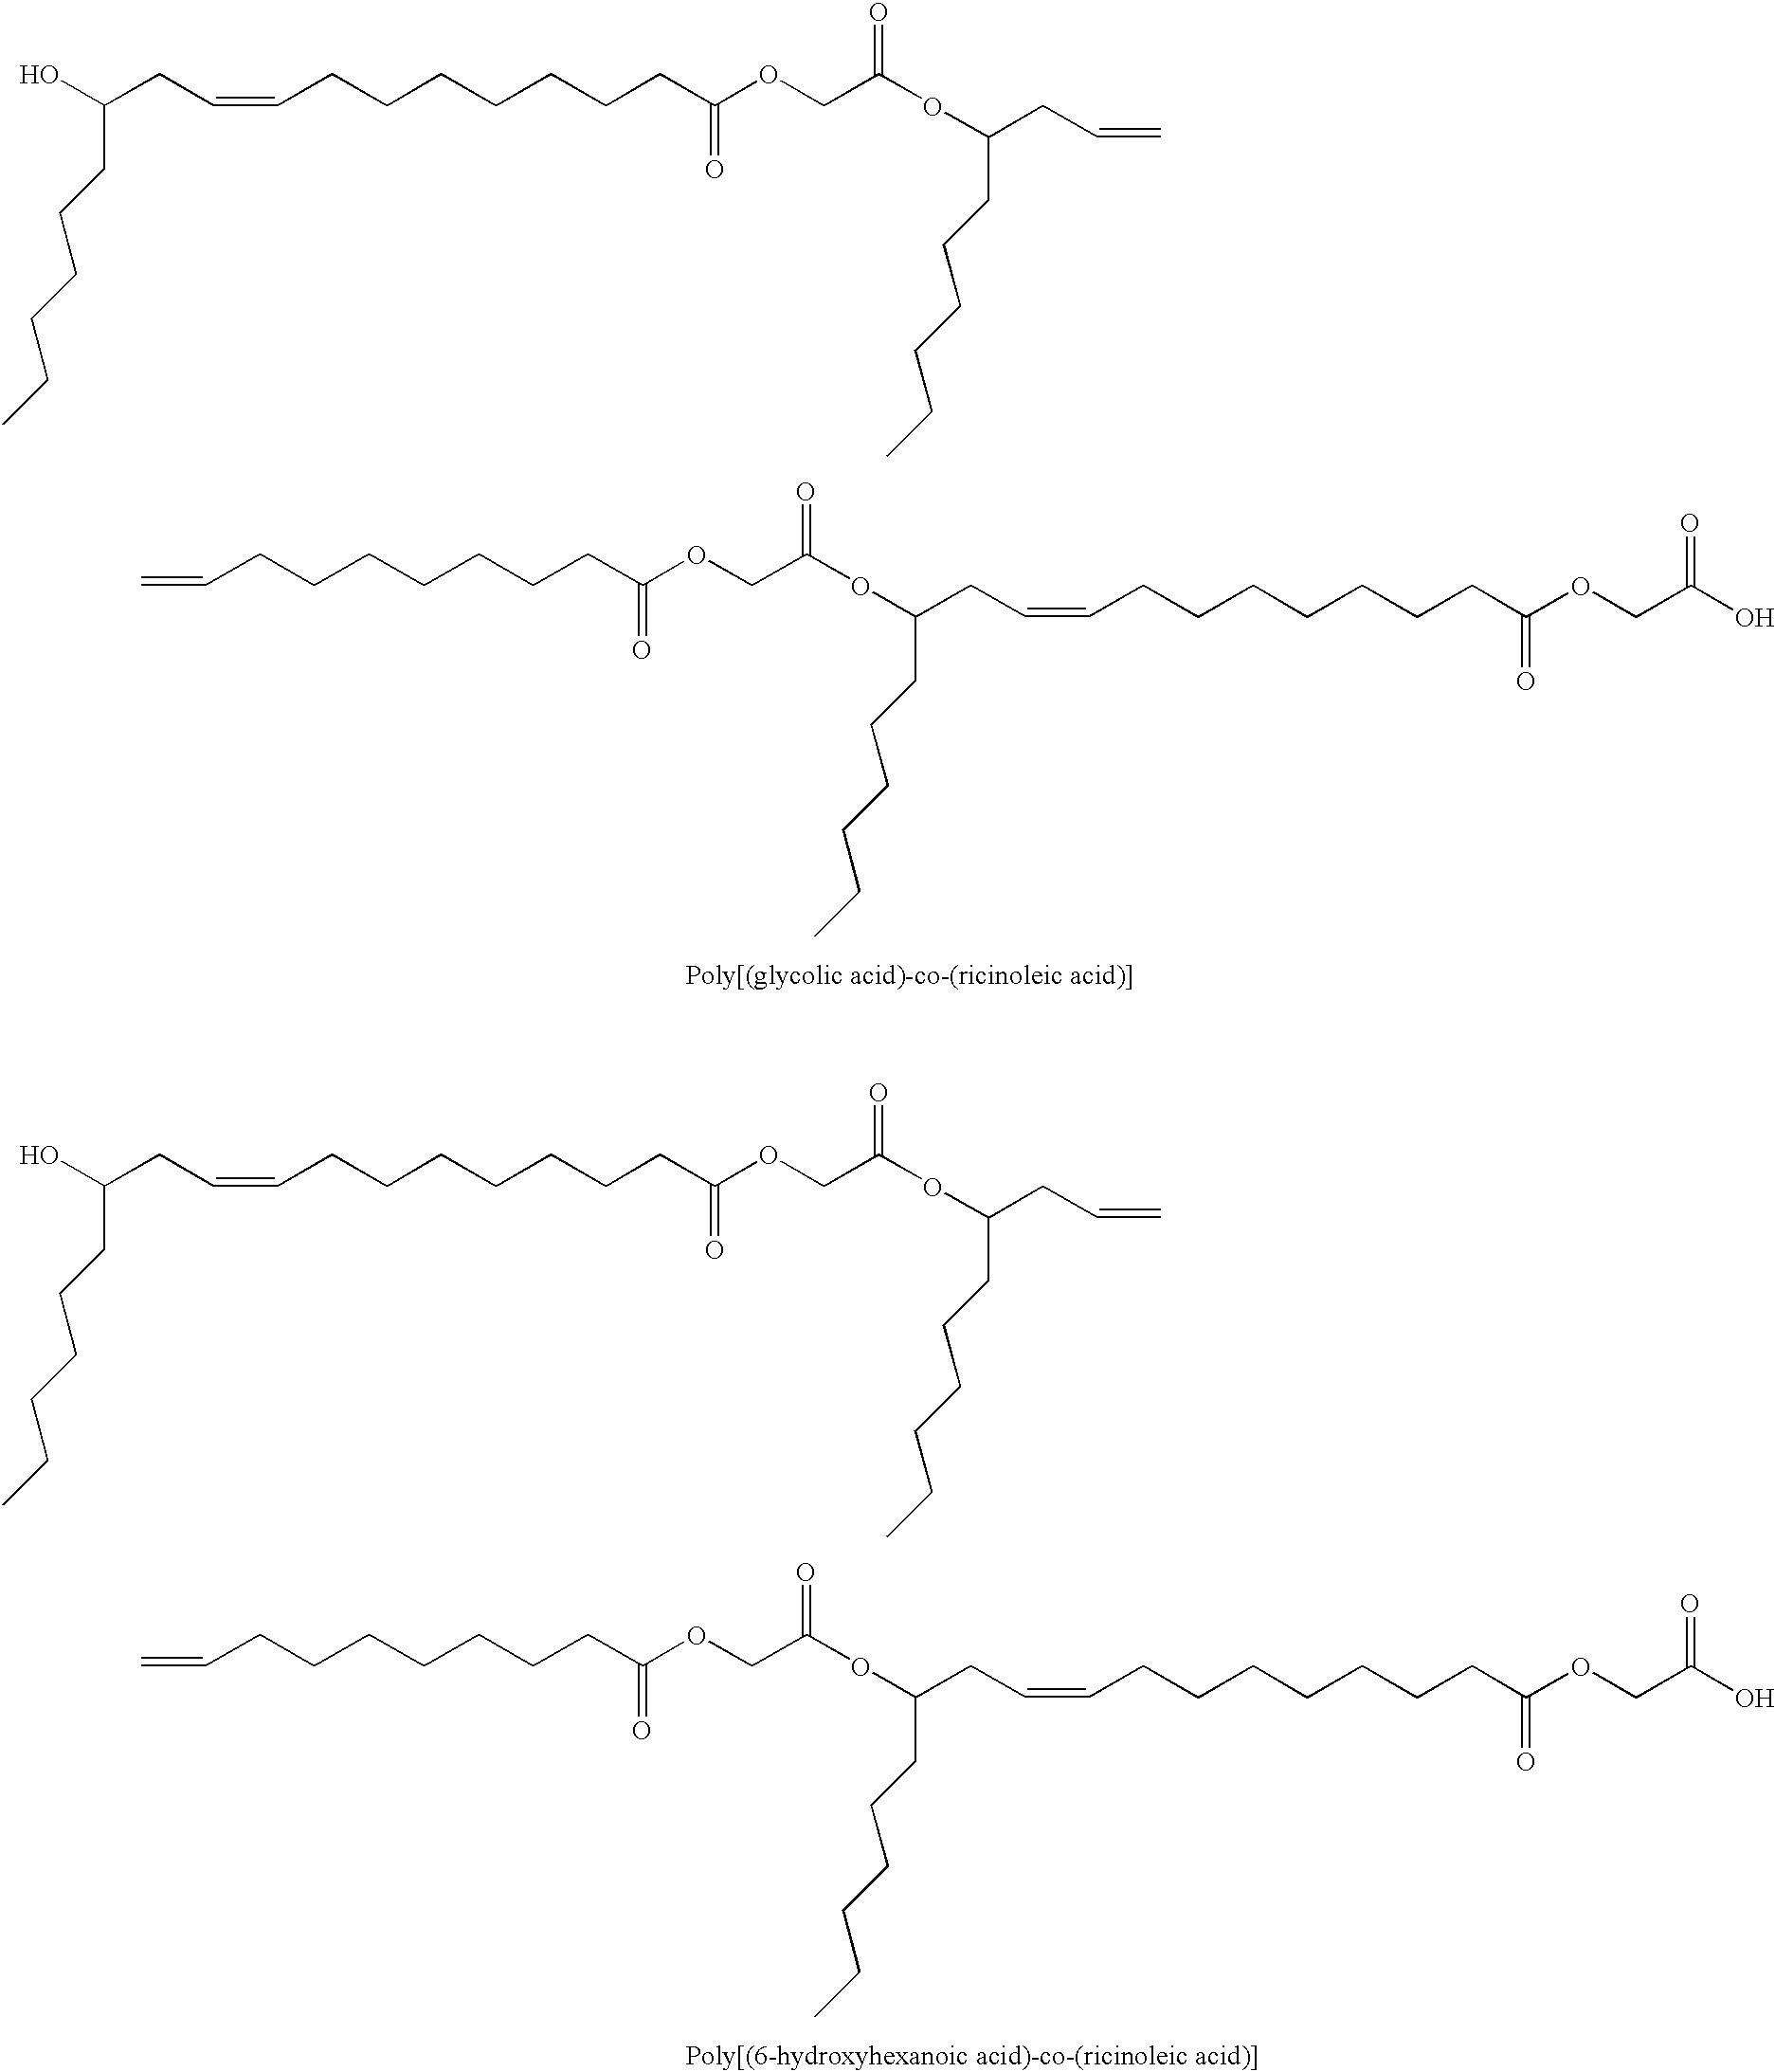 Figure US20020172646A1-20021121-C00007